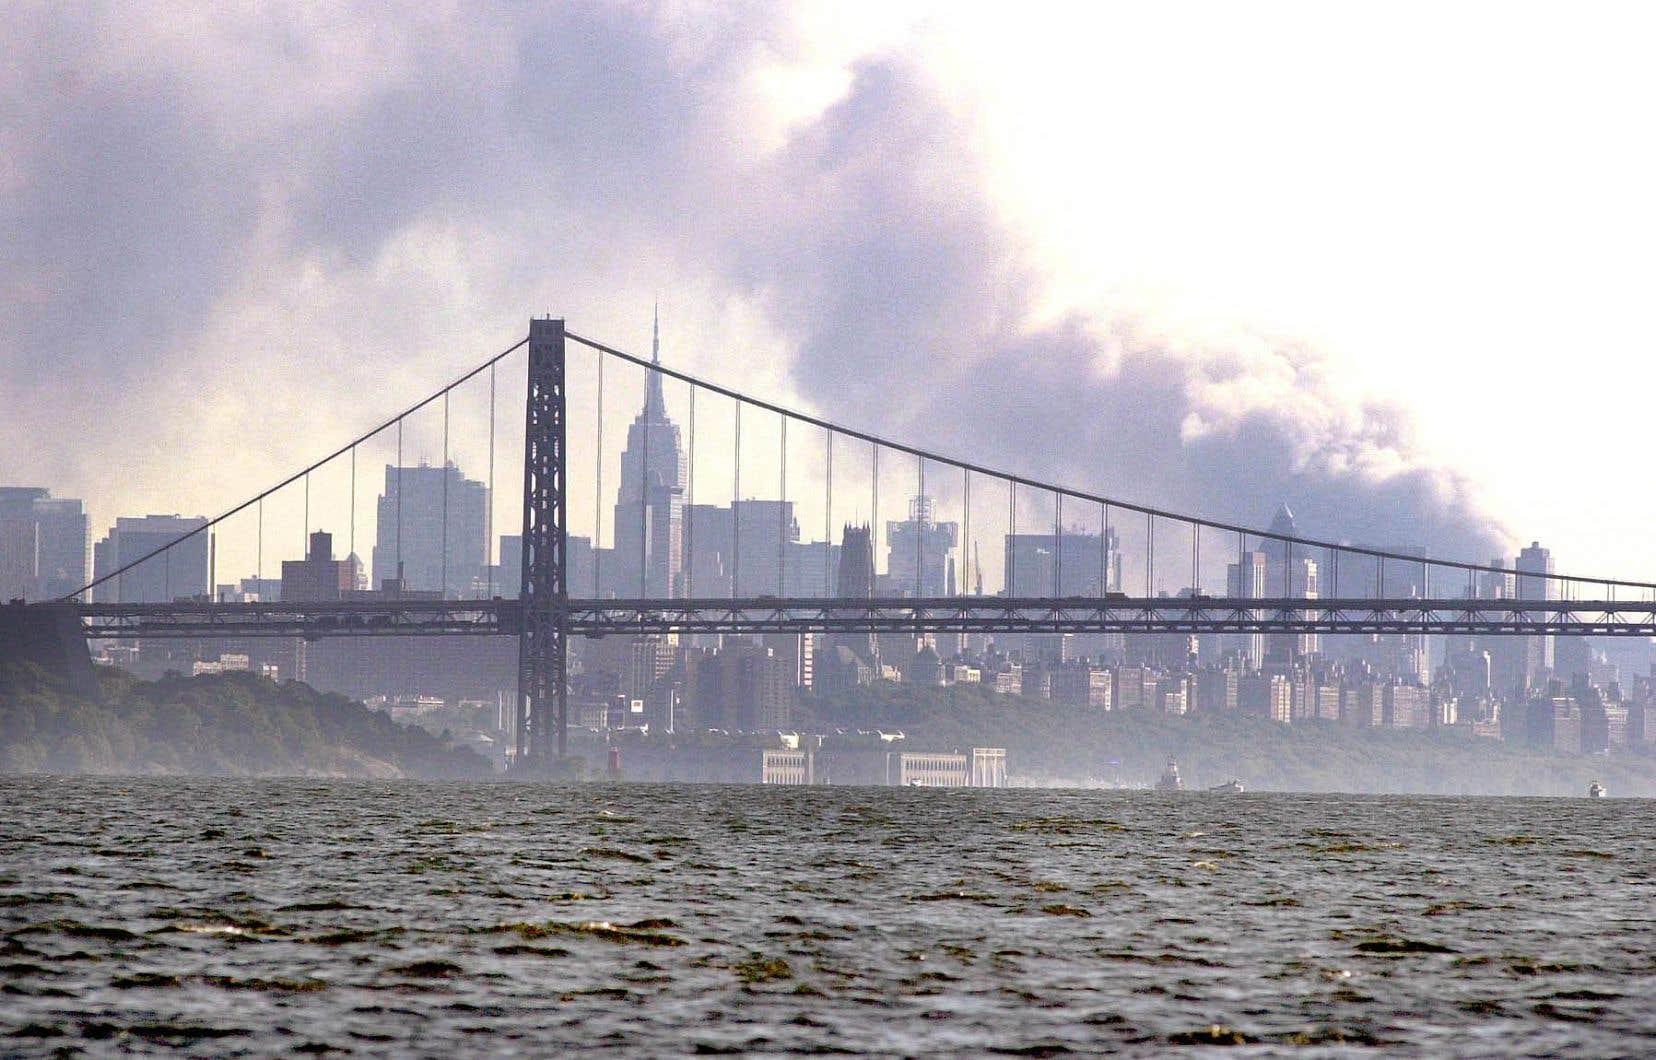 De la fumée s'échappe de l'horizon de New York le 11 septembre 2001 après que deux avions détournés se soient écrasés sur le World Trade Center.